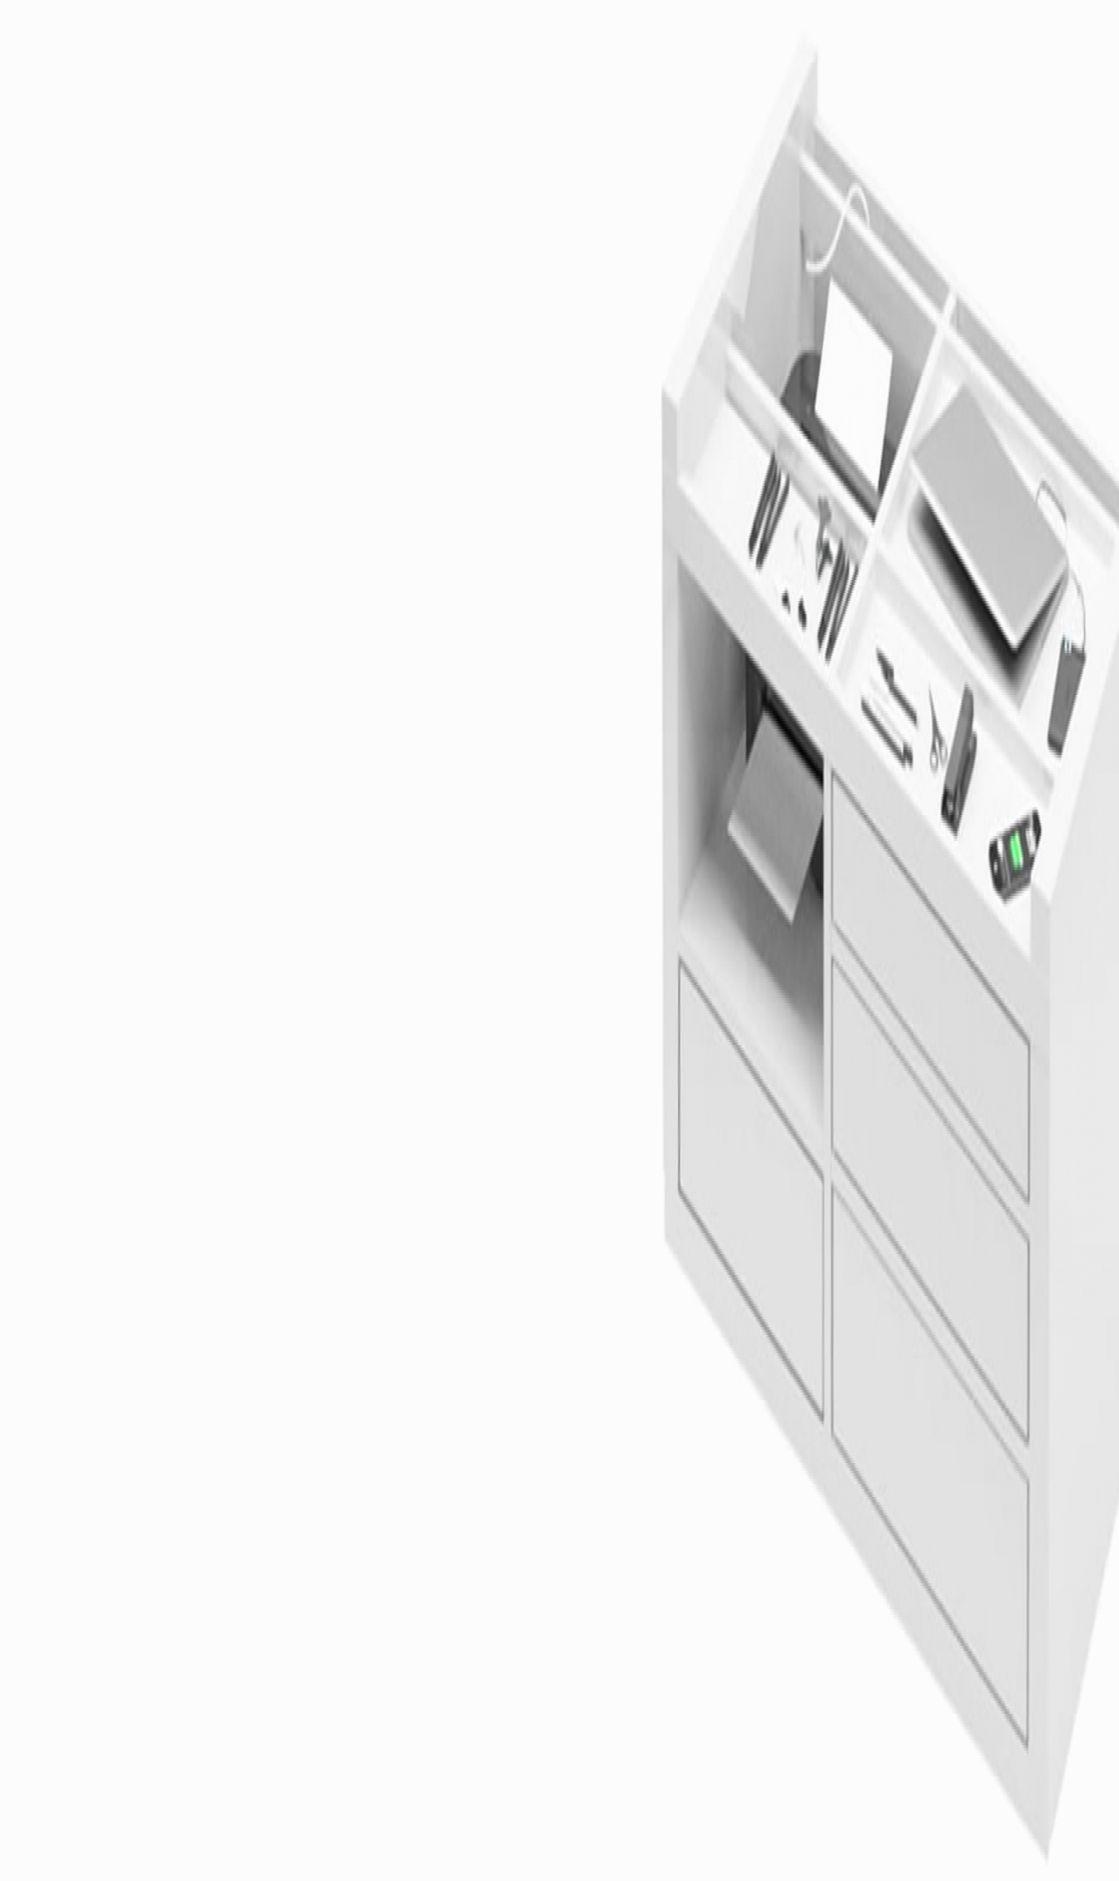 19 Luxus Schrank Fur Drucker In 2020 Schrank Design Schrank Schubladen Design